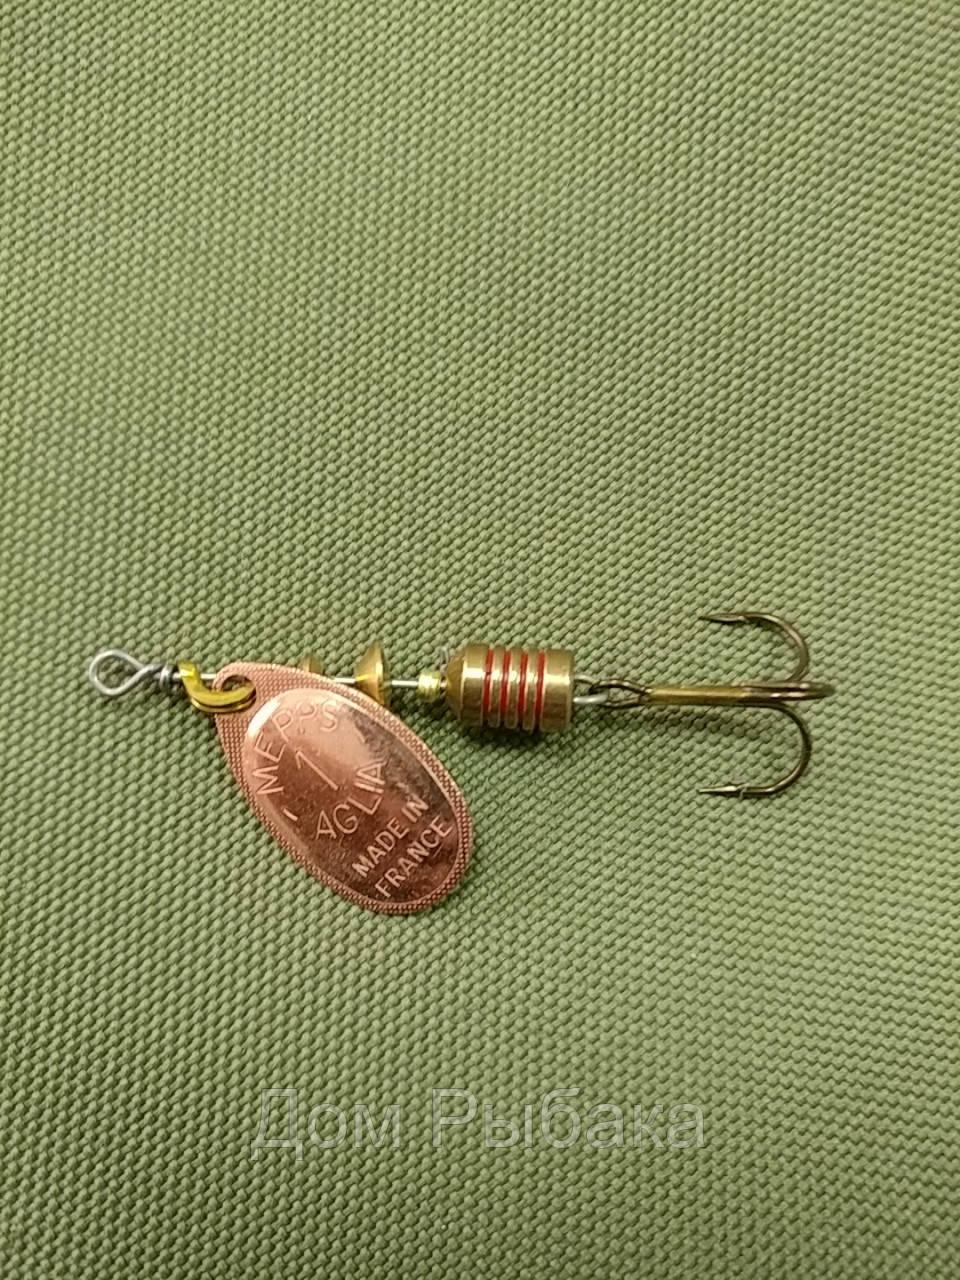 Блесна Mepps Aglia Copper №1 3,5гр (58428), фото 1